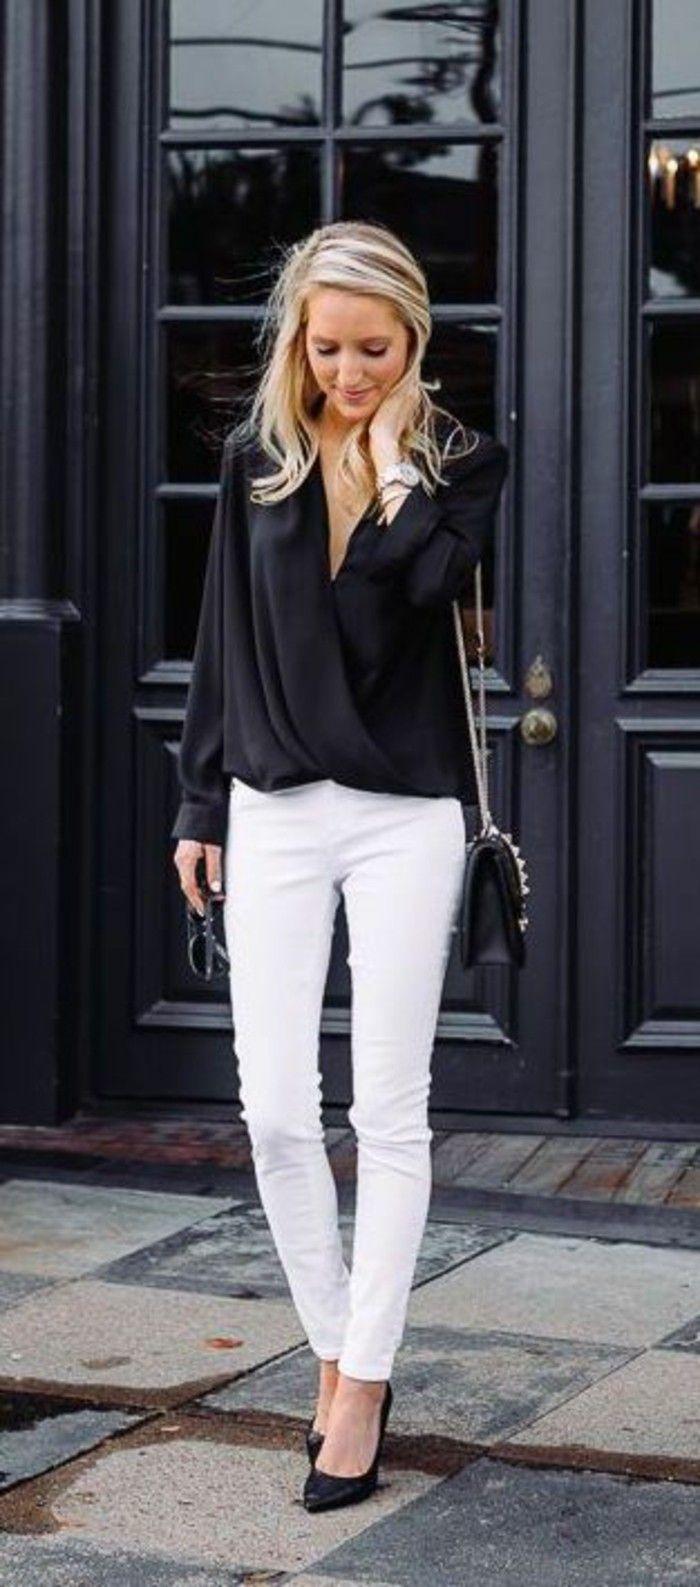 schwarze hose schwarze bluse